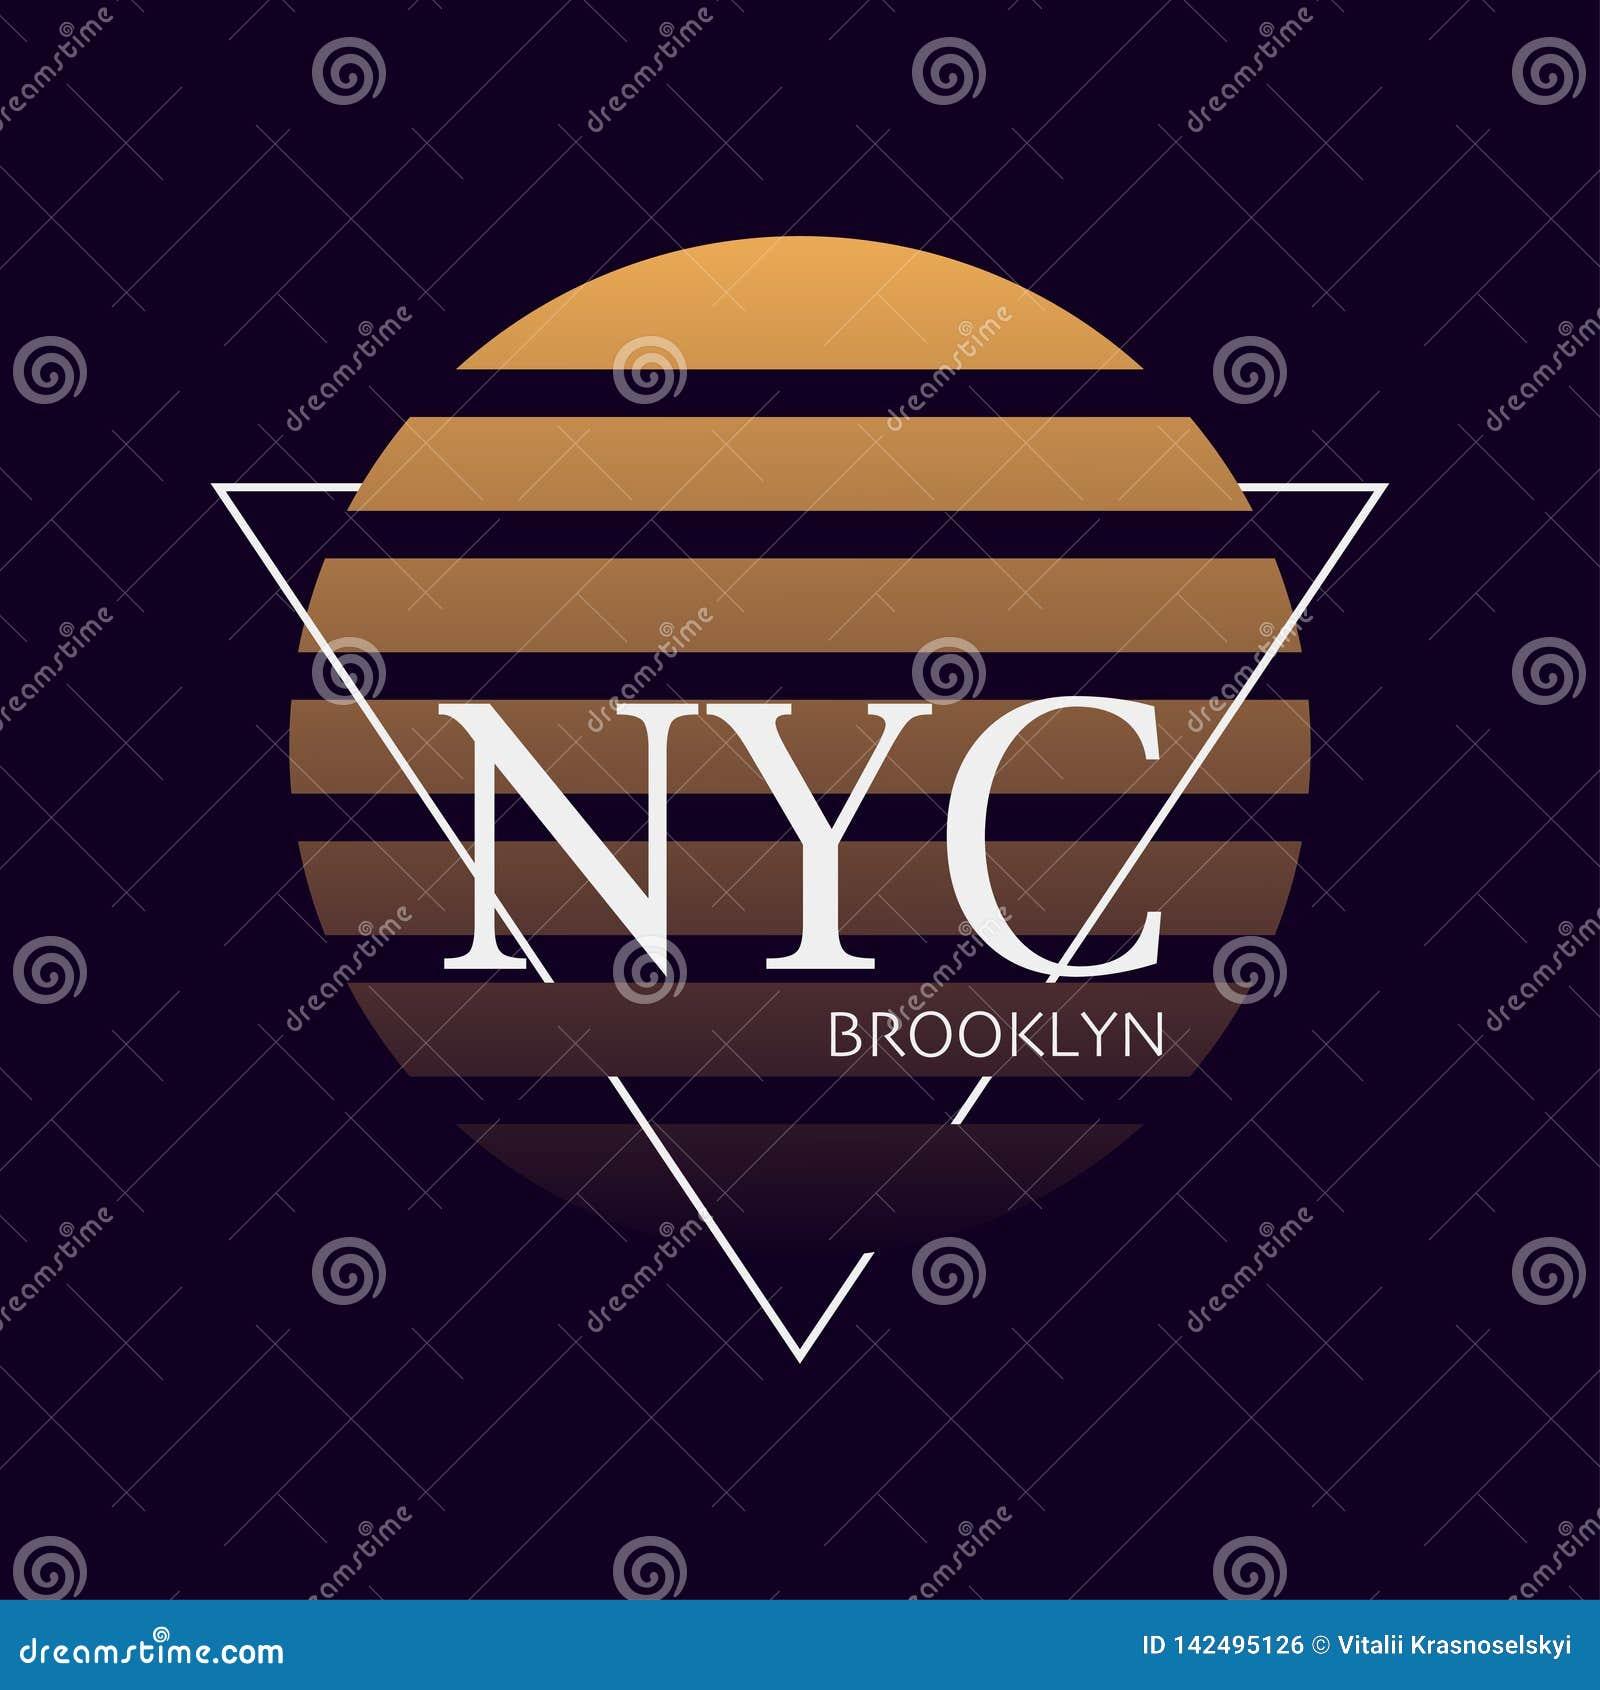 Nyc tryck Typografidesign New York modell på skjortan York illustration retro stil - Mappen för vektorn